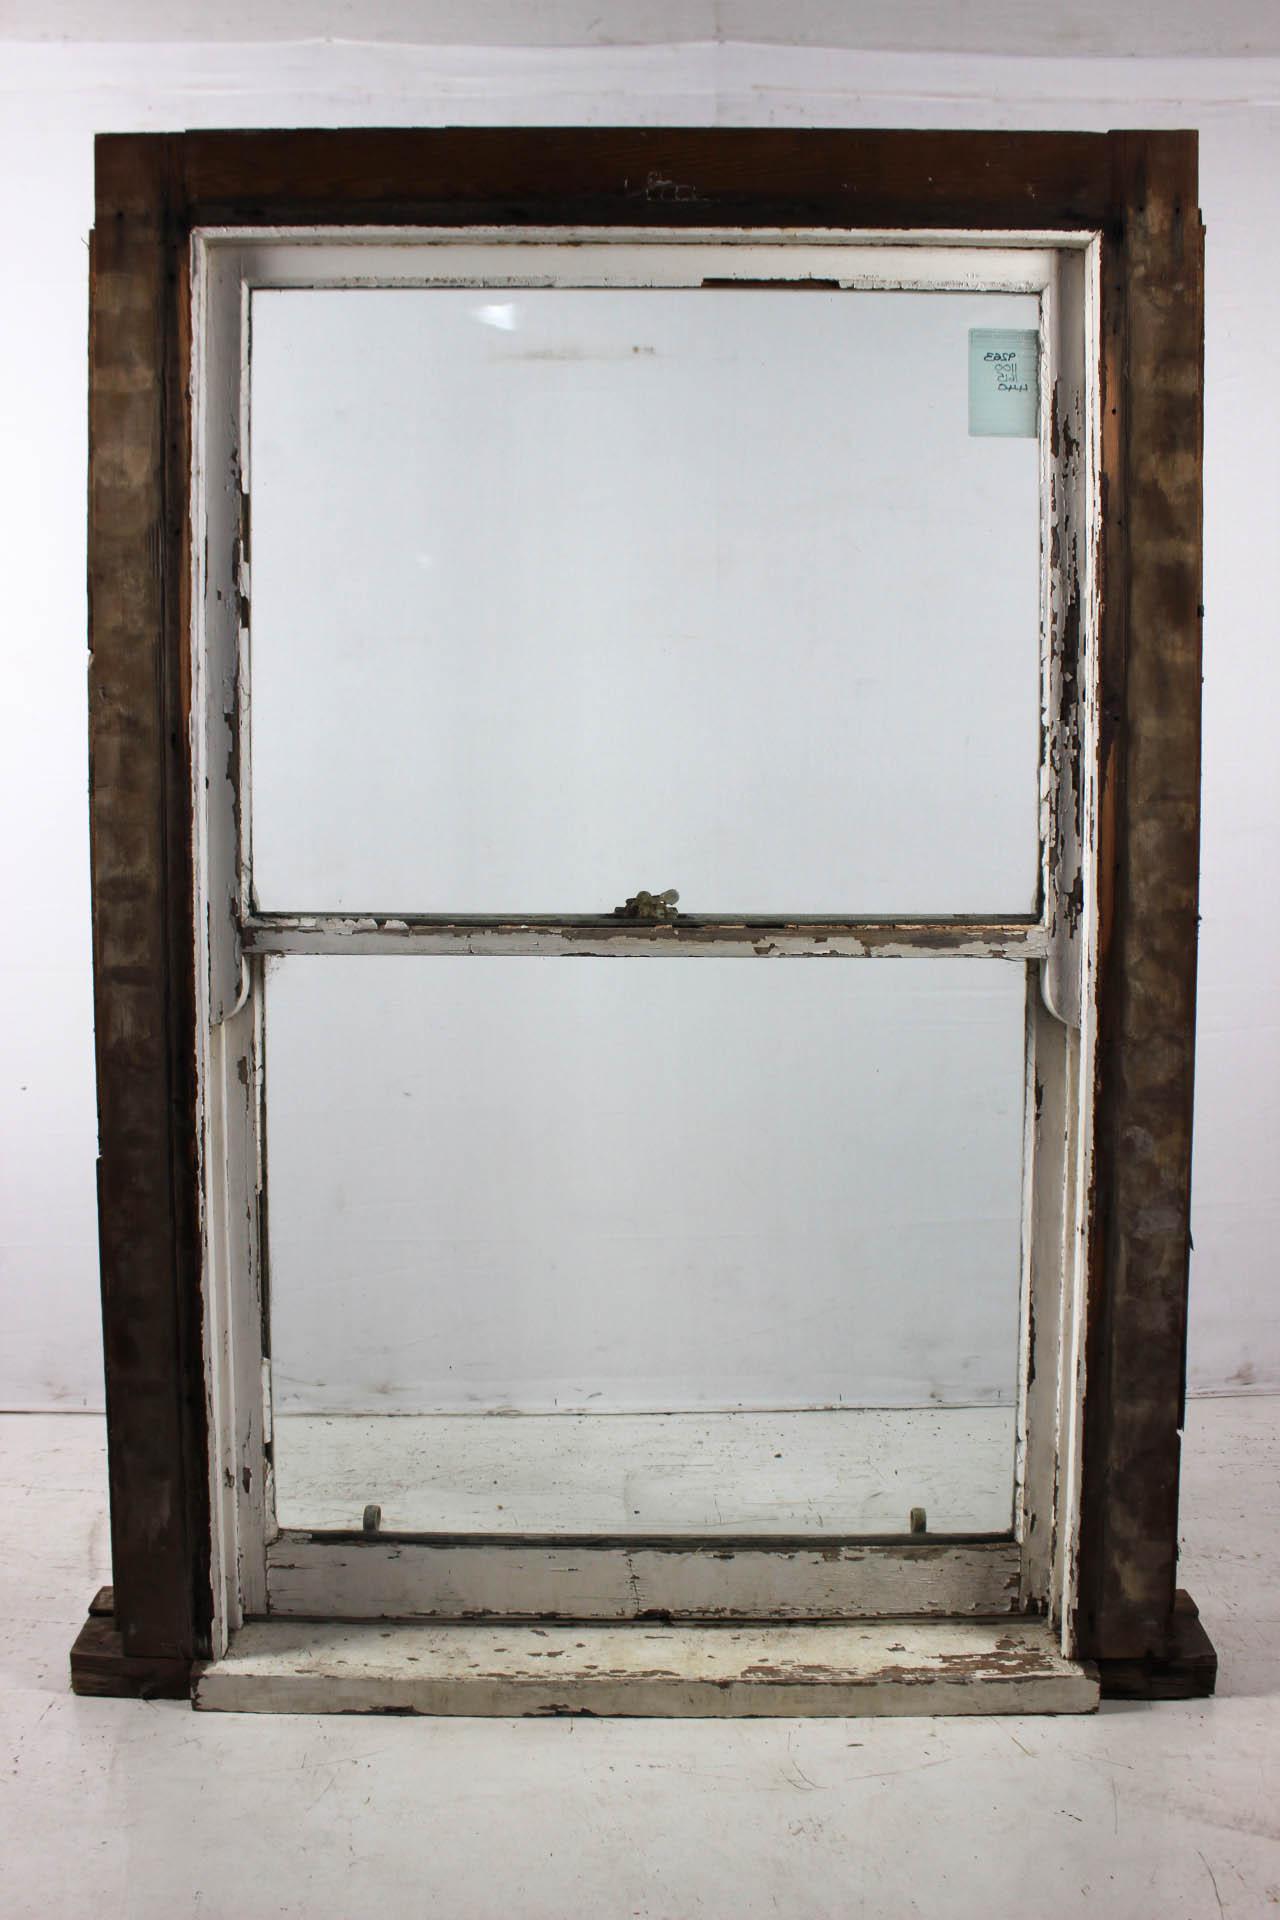 Quadruple Hung Windows : Single hung sash window hughes renovators paradise